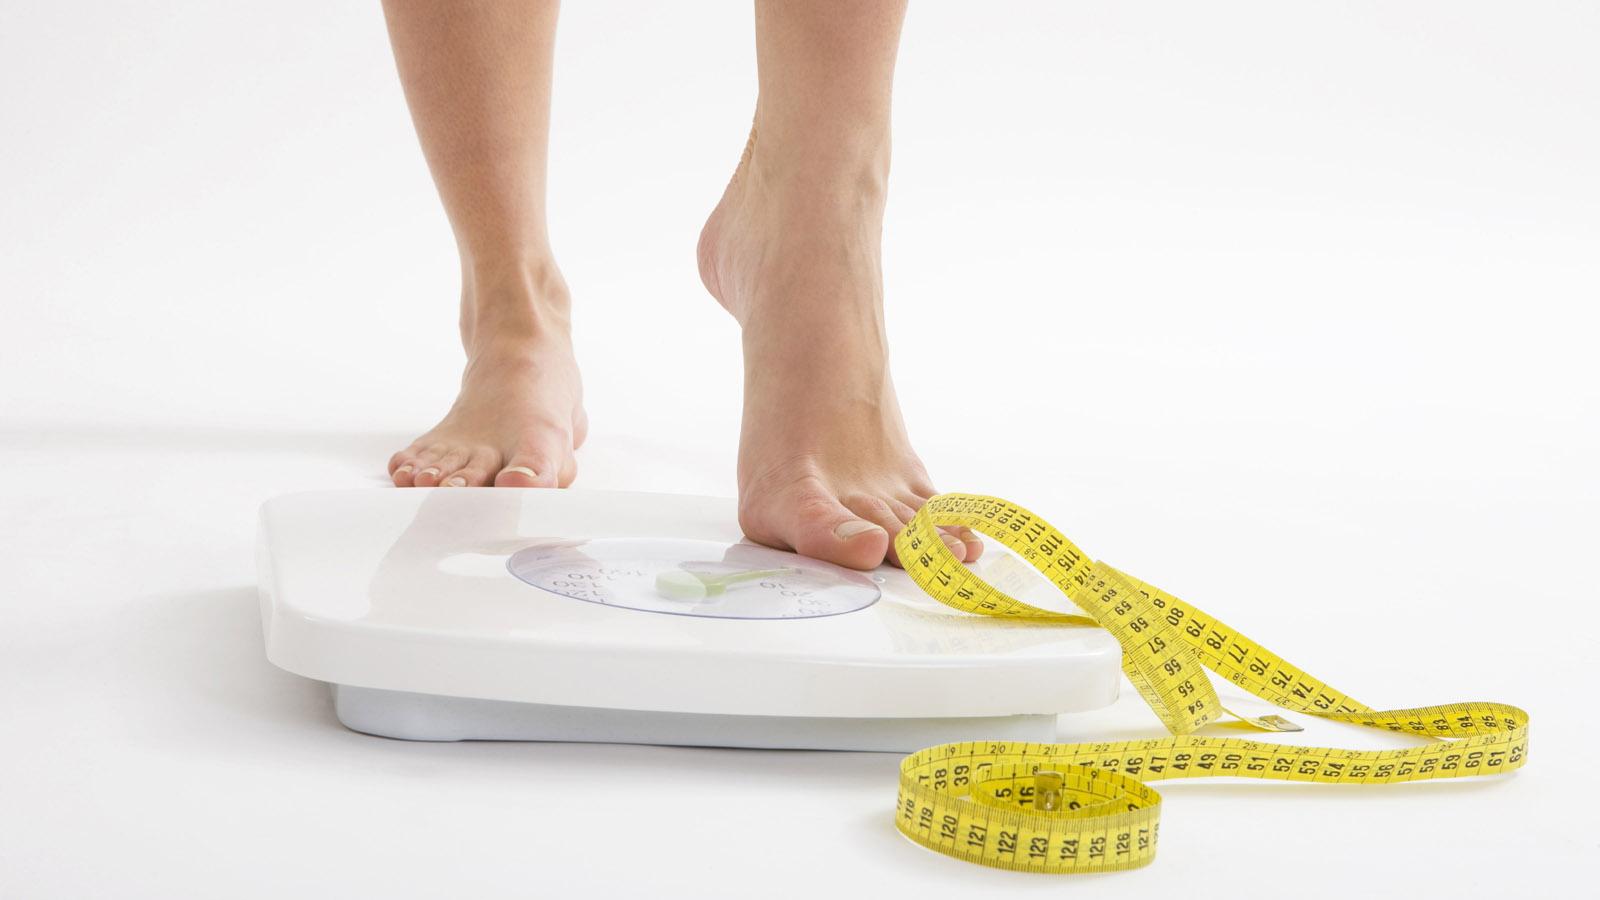 Những thói quen vào buổi tối giúp đẩy lùi mỡ thừa hiệu quả6